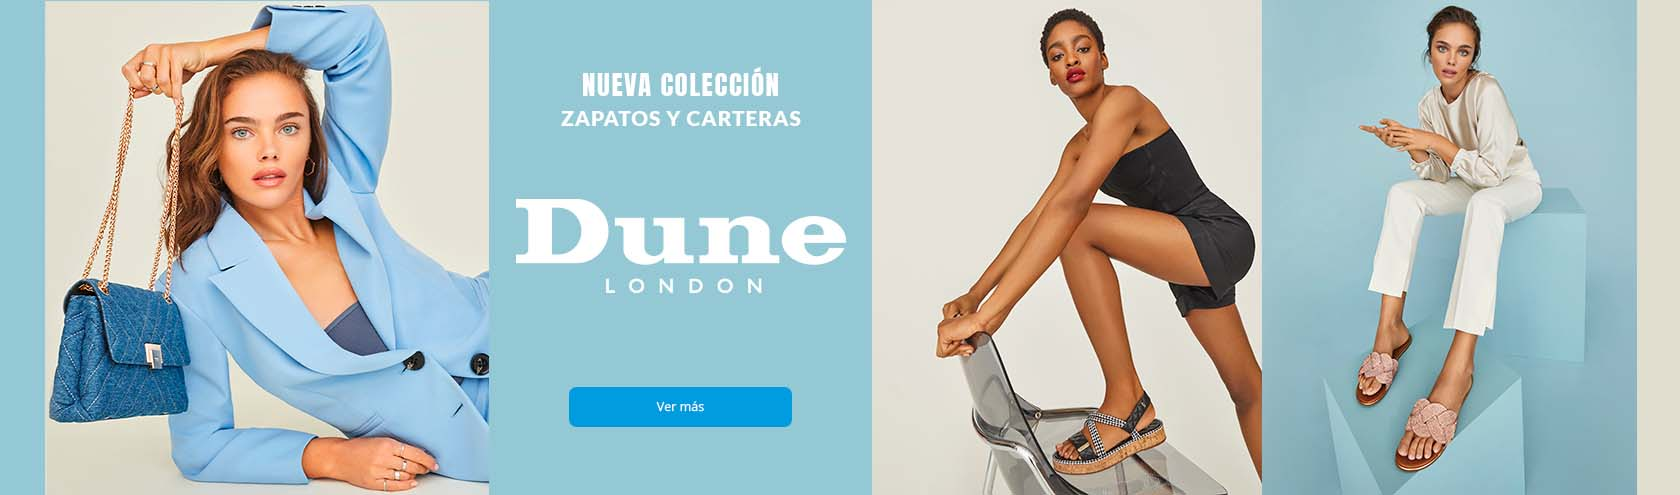 Nueva colección Dune